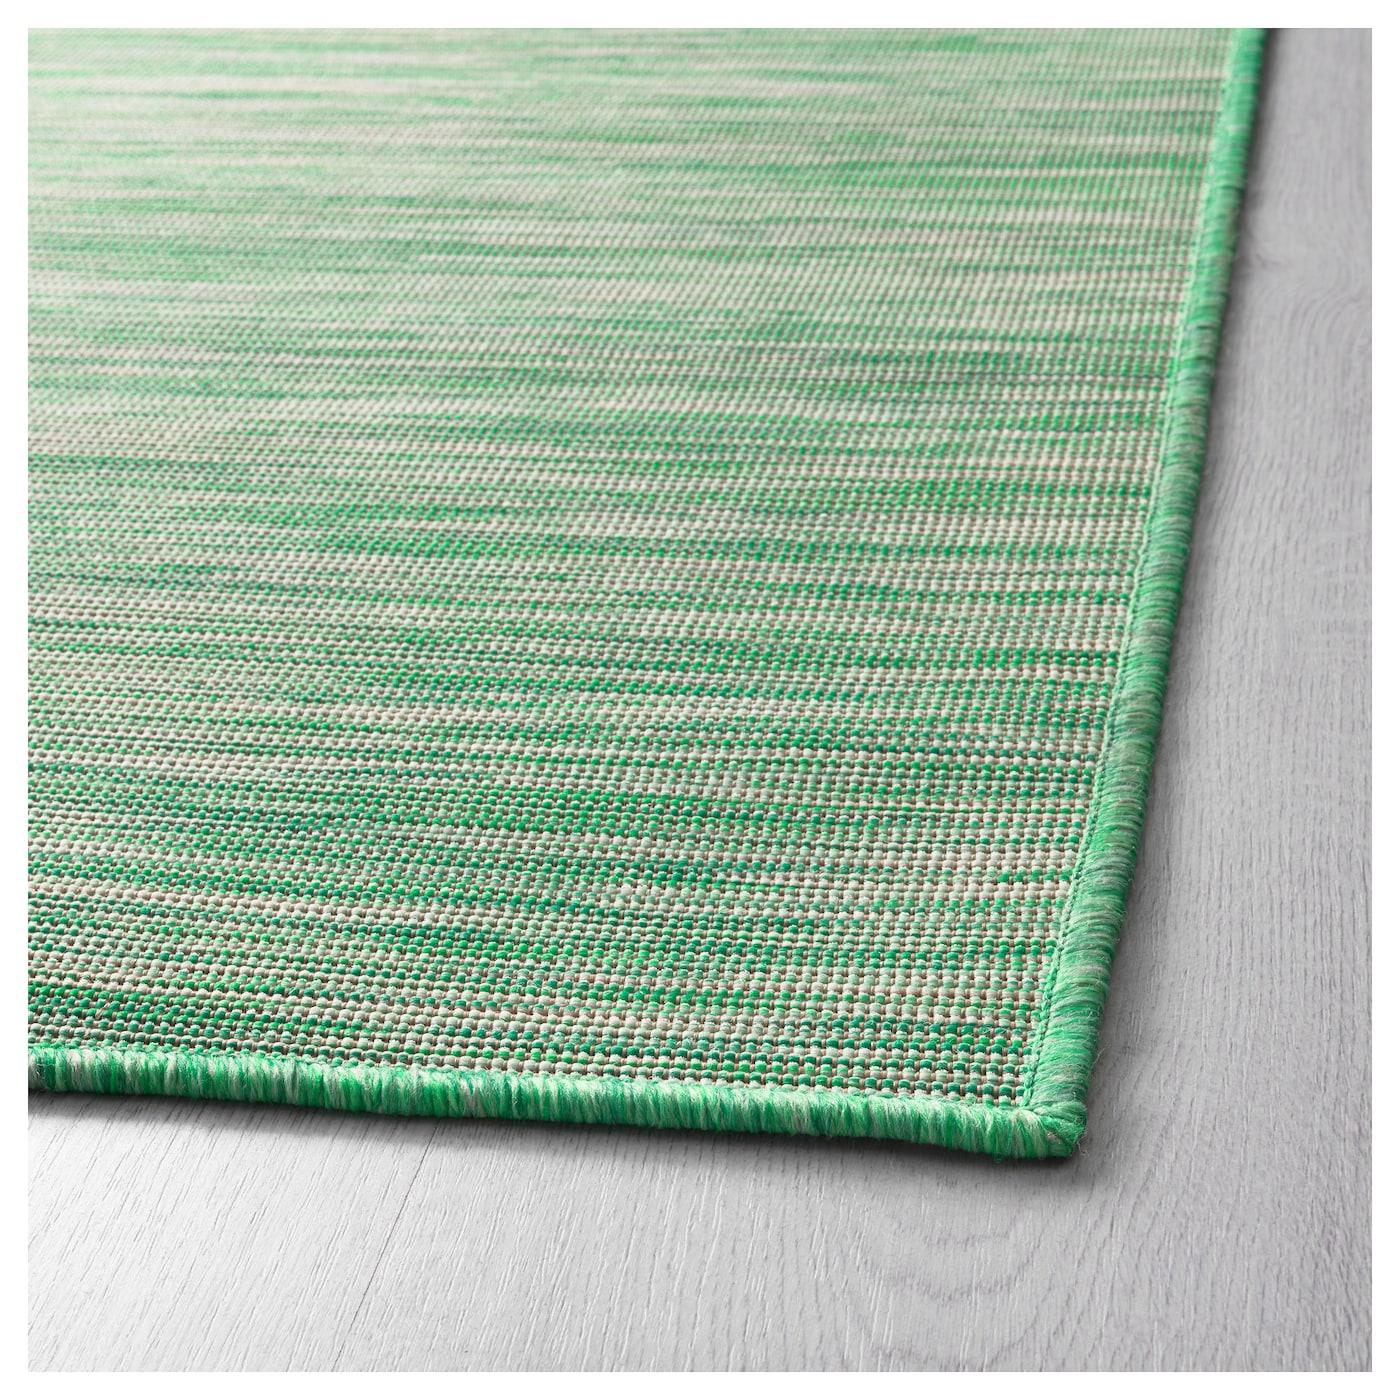 HODDE Rug, Flatwoven In/outdoor Green 160x230 Cm